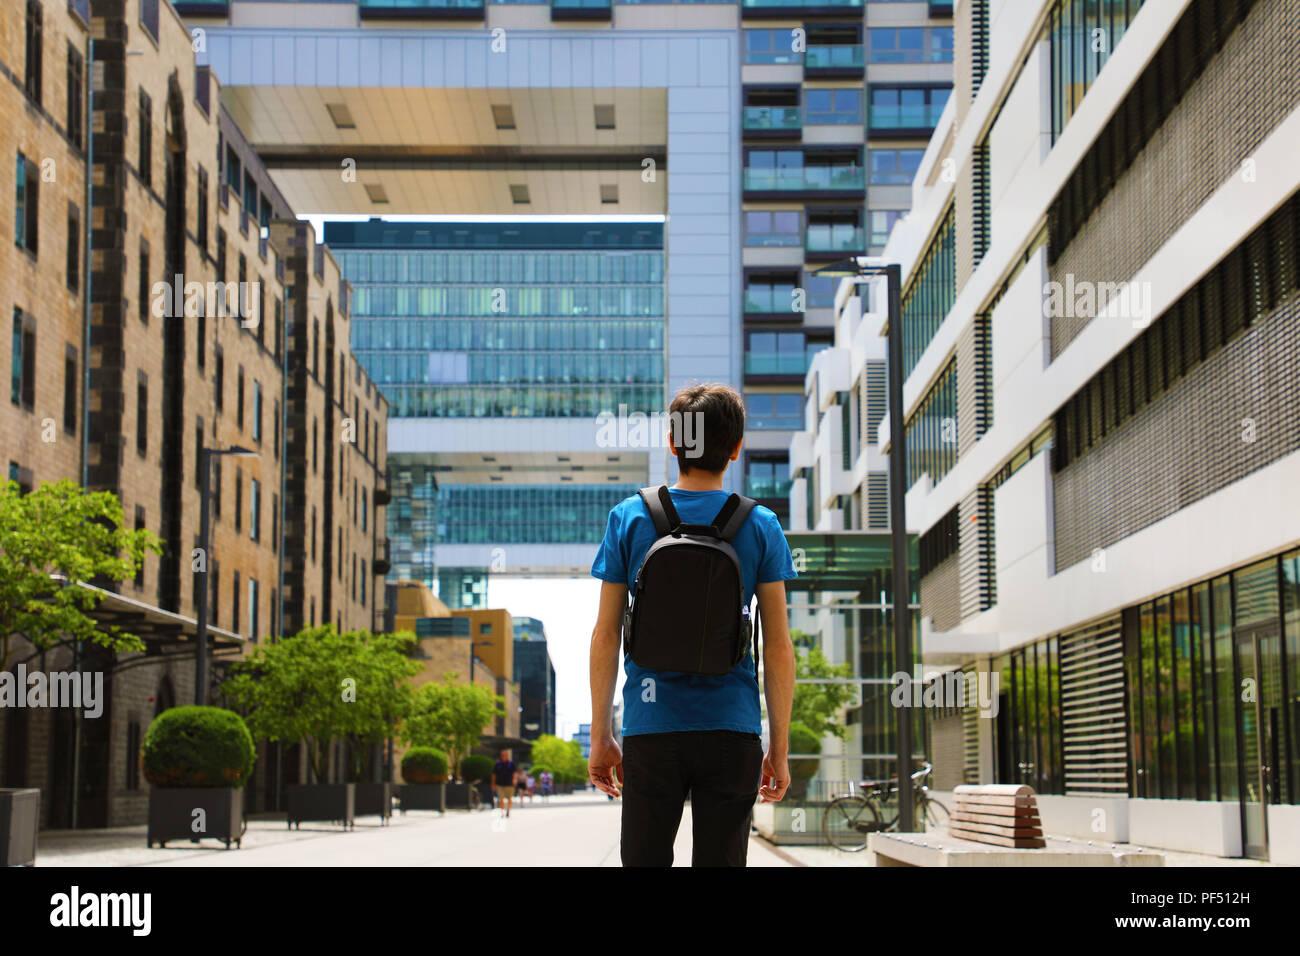 Vista posterior de un hombre joven con mochila recién llegada a la gran ciudad y buscan edificios modernos con perspectivas y oportunidades, Colonia ciudad dist Imagen De Stock